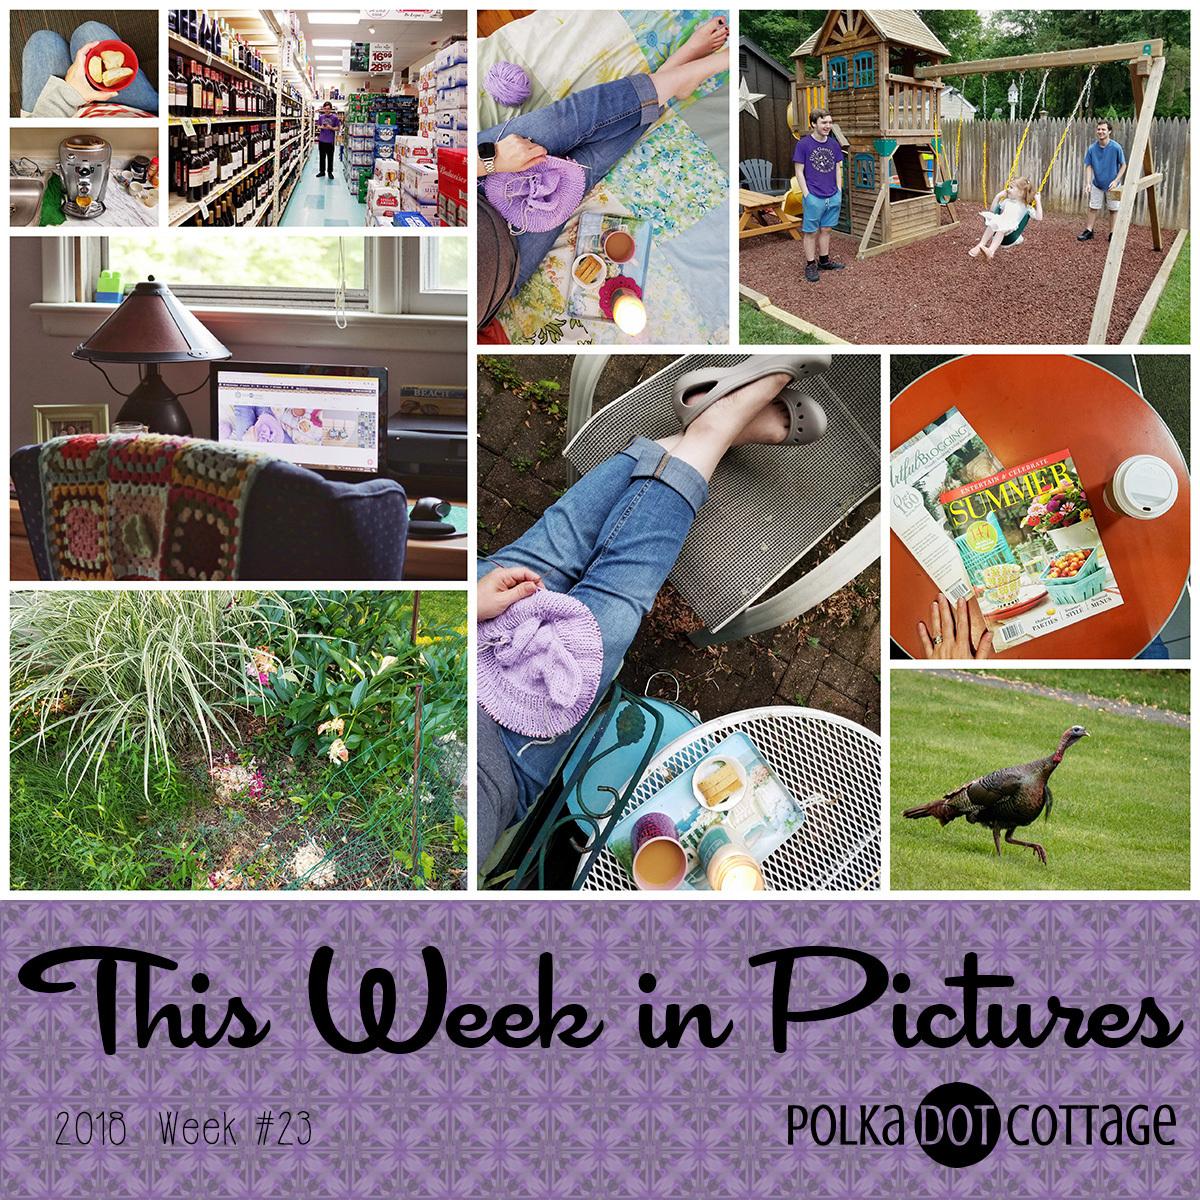 This Week in Pictures, Week 23, 2018